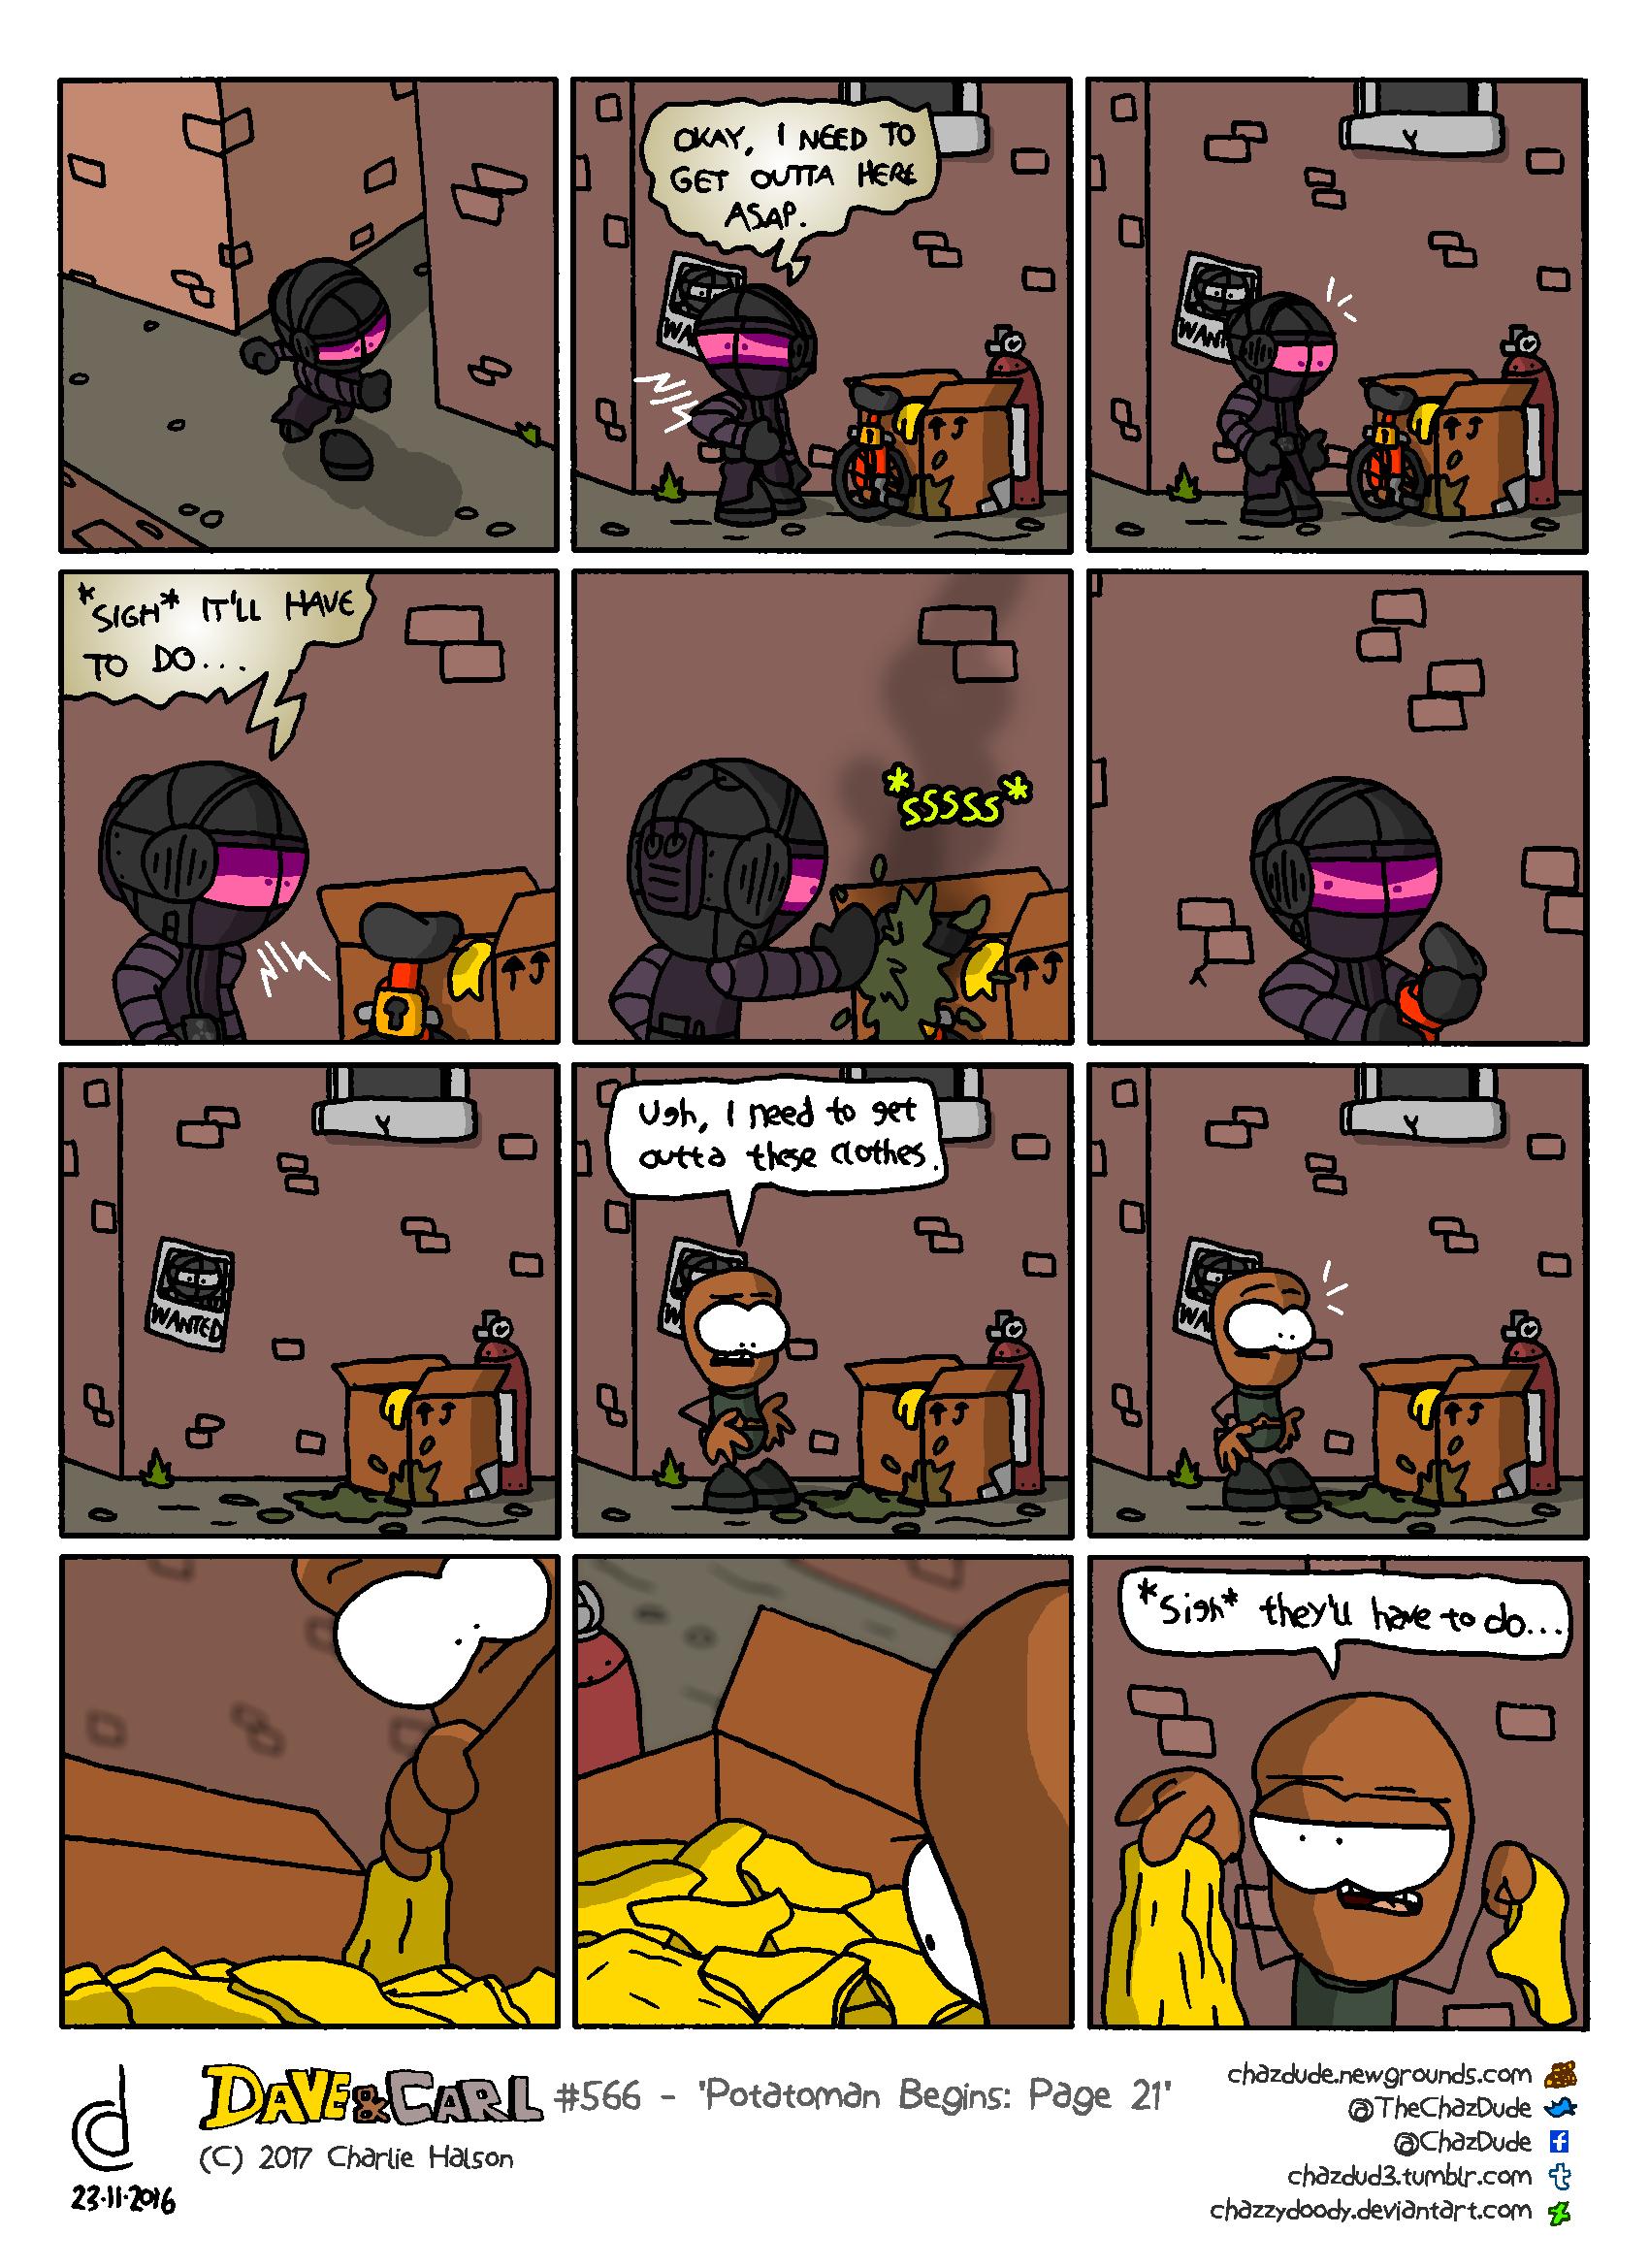 Potatoman Begins: Page 21